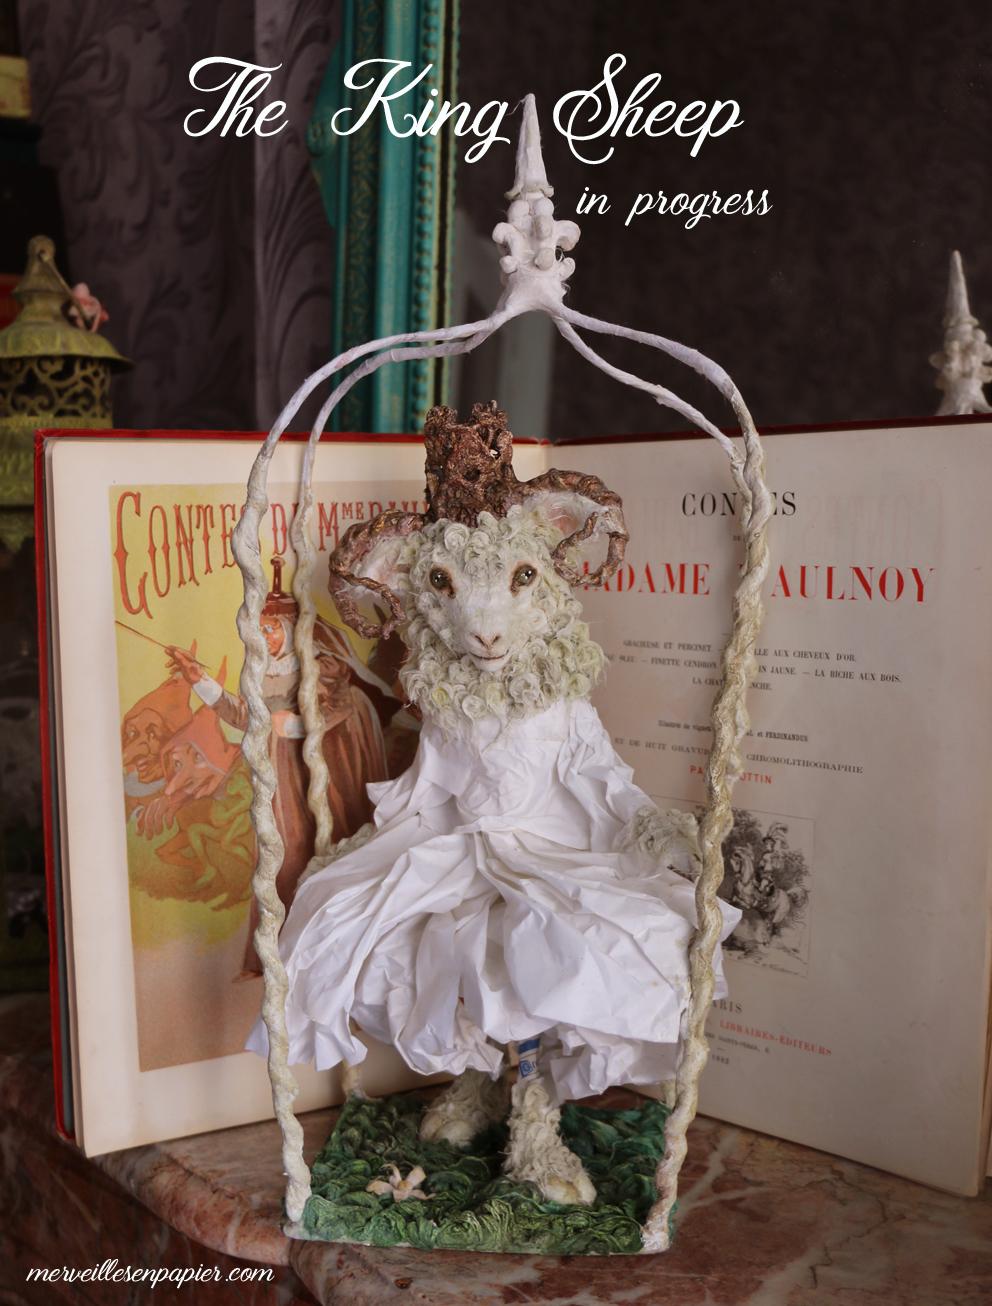 Le roi mouton, King Sheep in progress- Madame d'Aulnoy